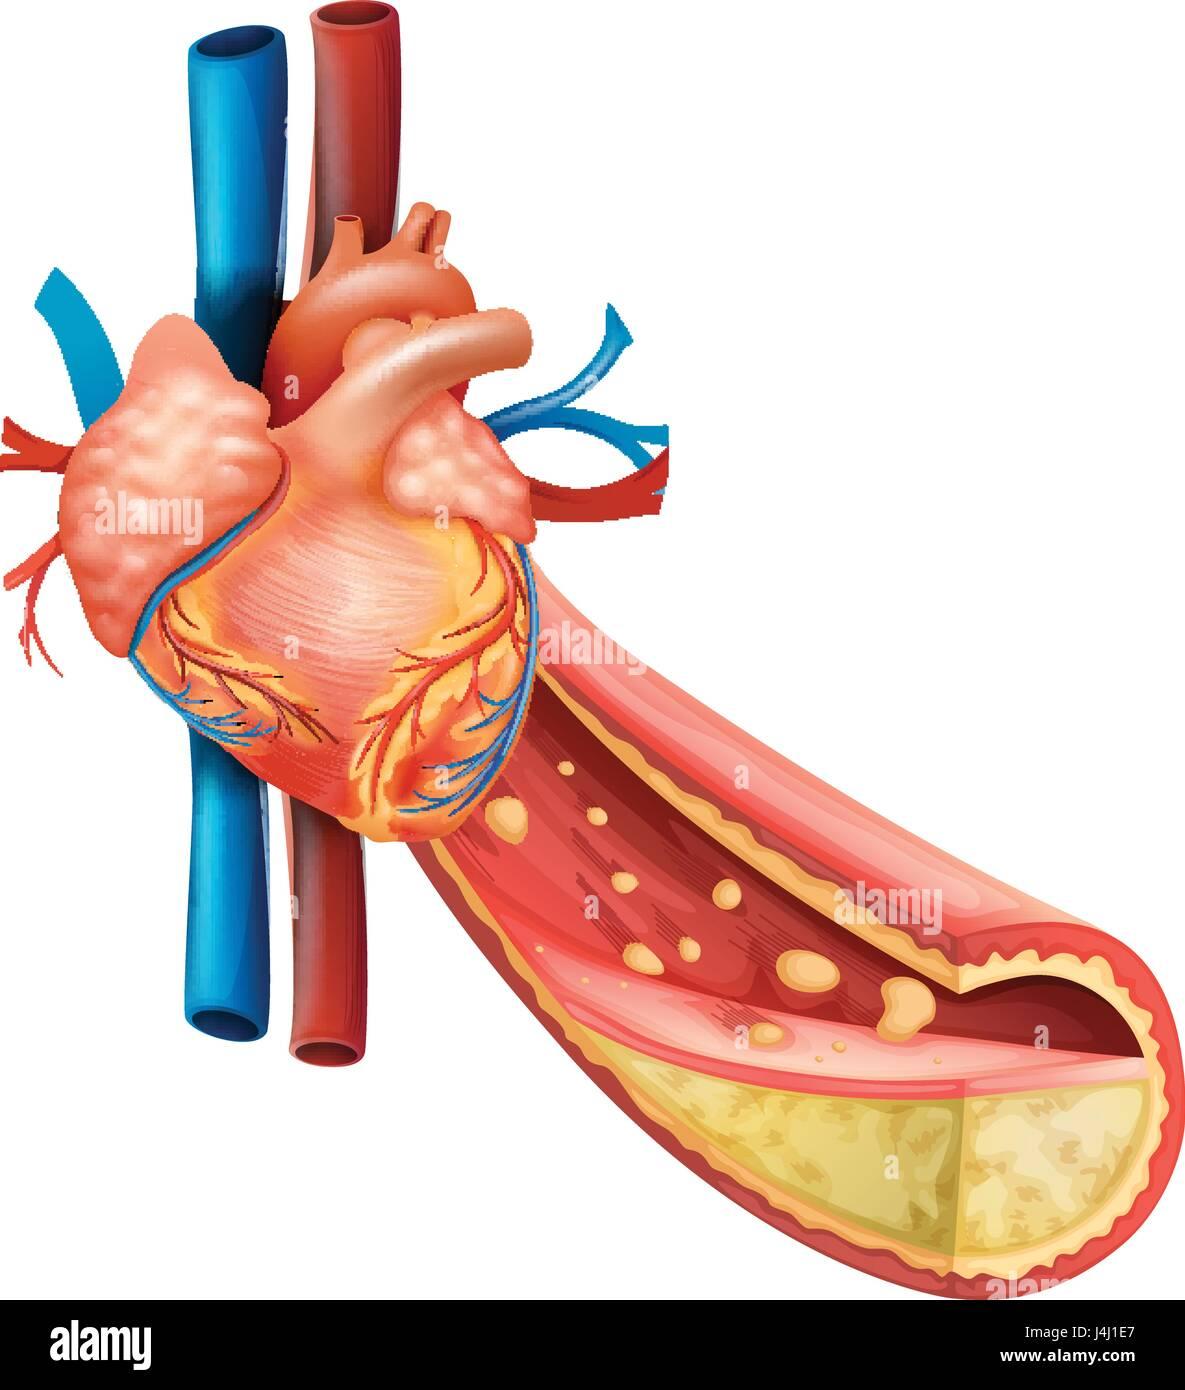 Encantador El Diagrama Corazón Marcado Adorno - Anatomía de Las ...